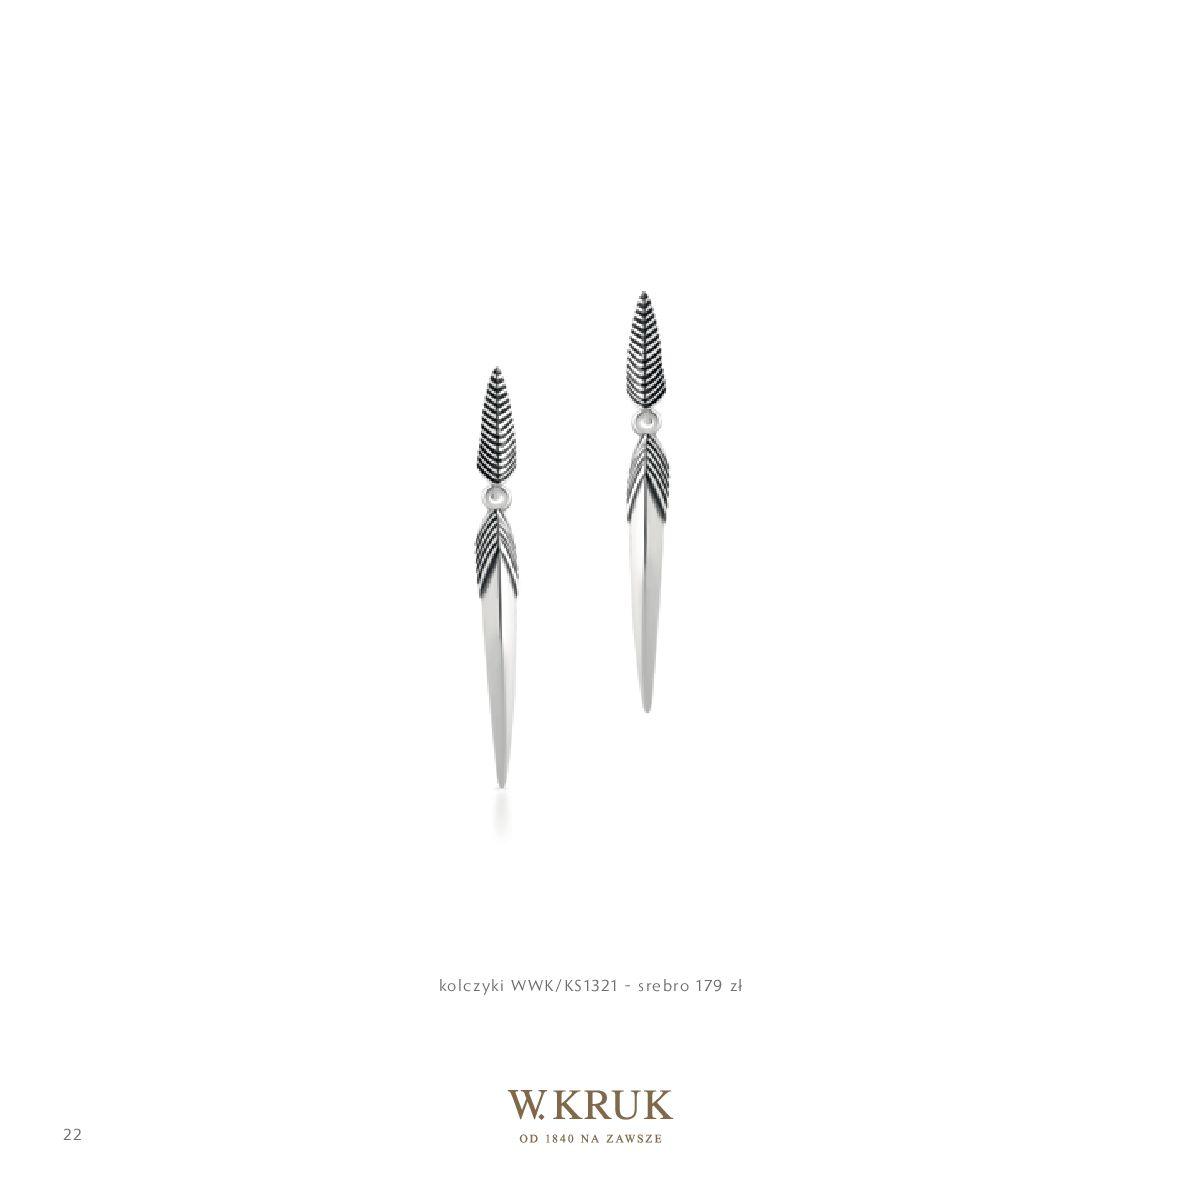 Gazetka W. KRUK: Katalog - Kolekcja Freedom 2021-02-17 page-24